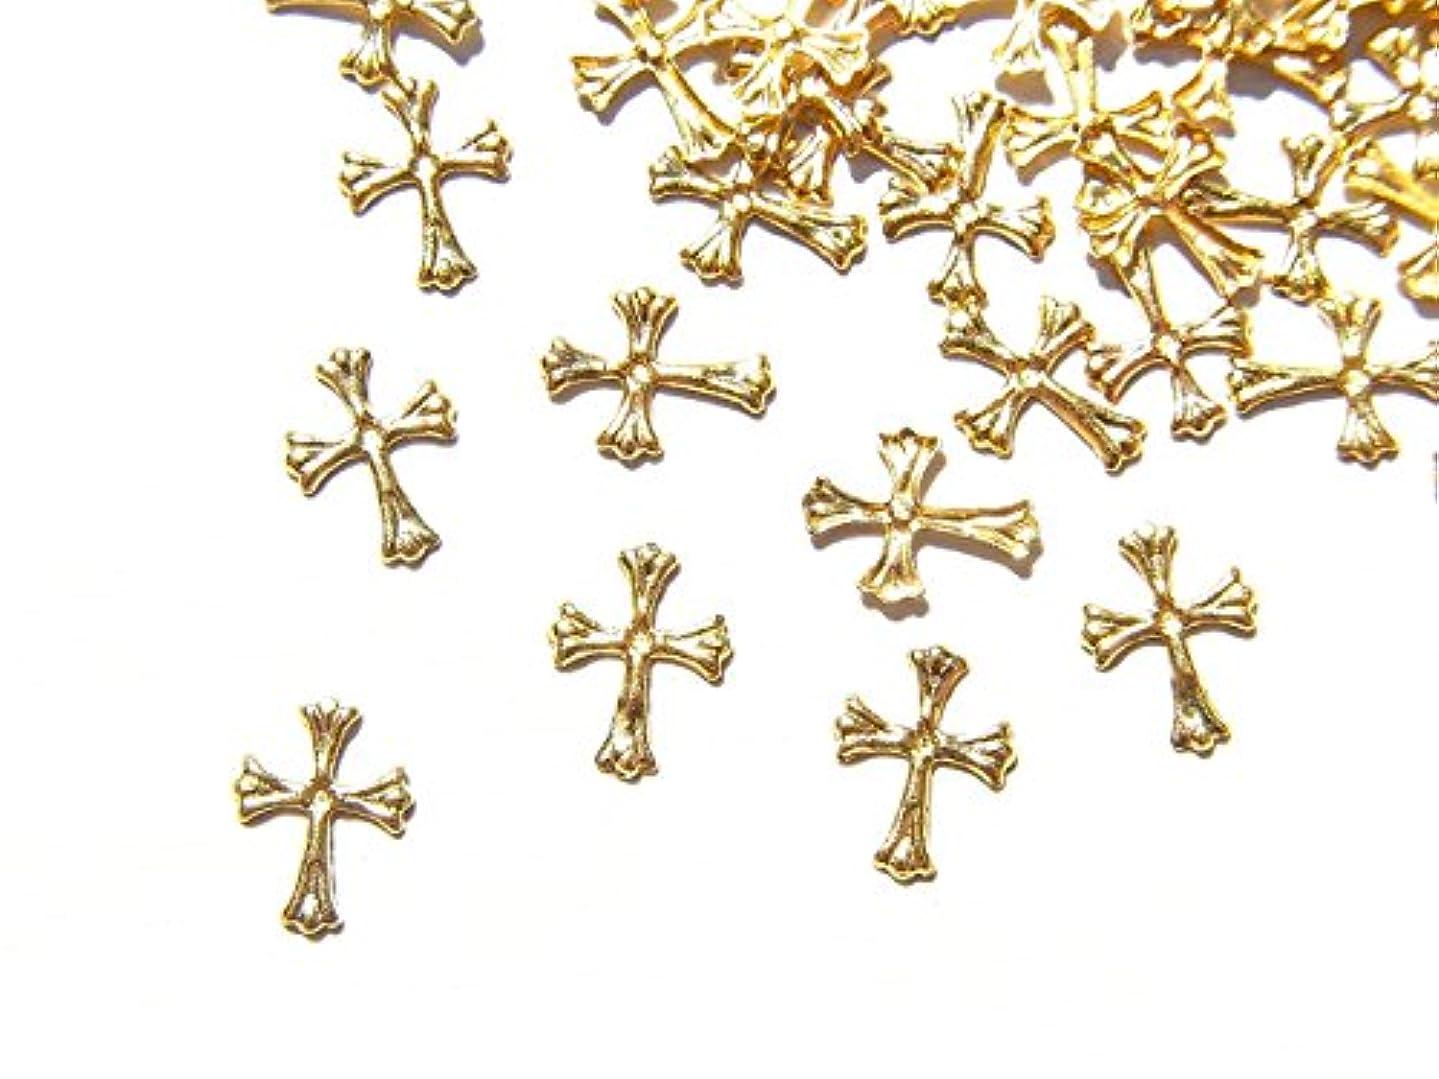 不定今までストレス【jewel】ゴールド メタルパーツ クロス (十字架) 10個入り 6mm×4mm 手芸 材料 レジン ネイルアート パーツ 素材